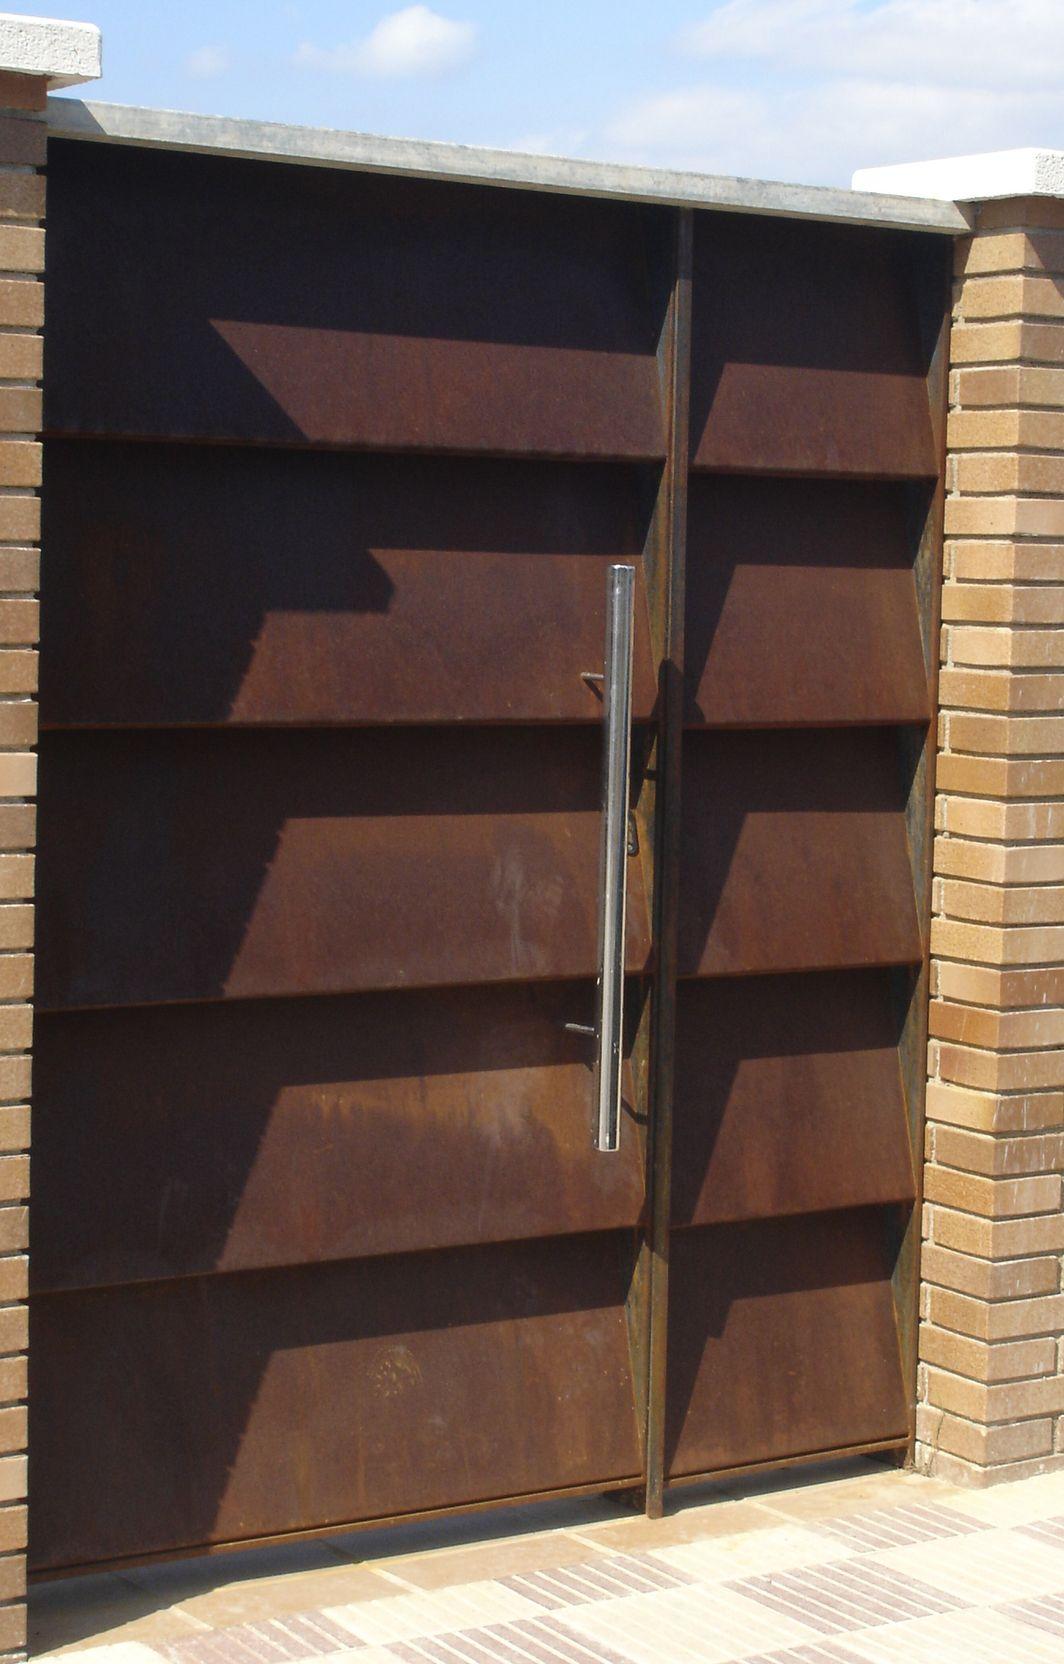 Acero corten oxidado ideas exterior casa pinterest - Acero corten fachadas ...